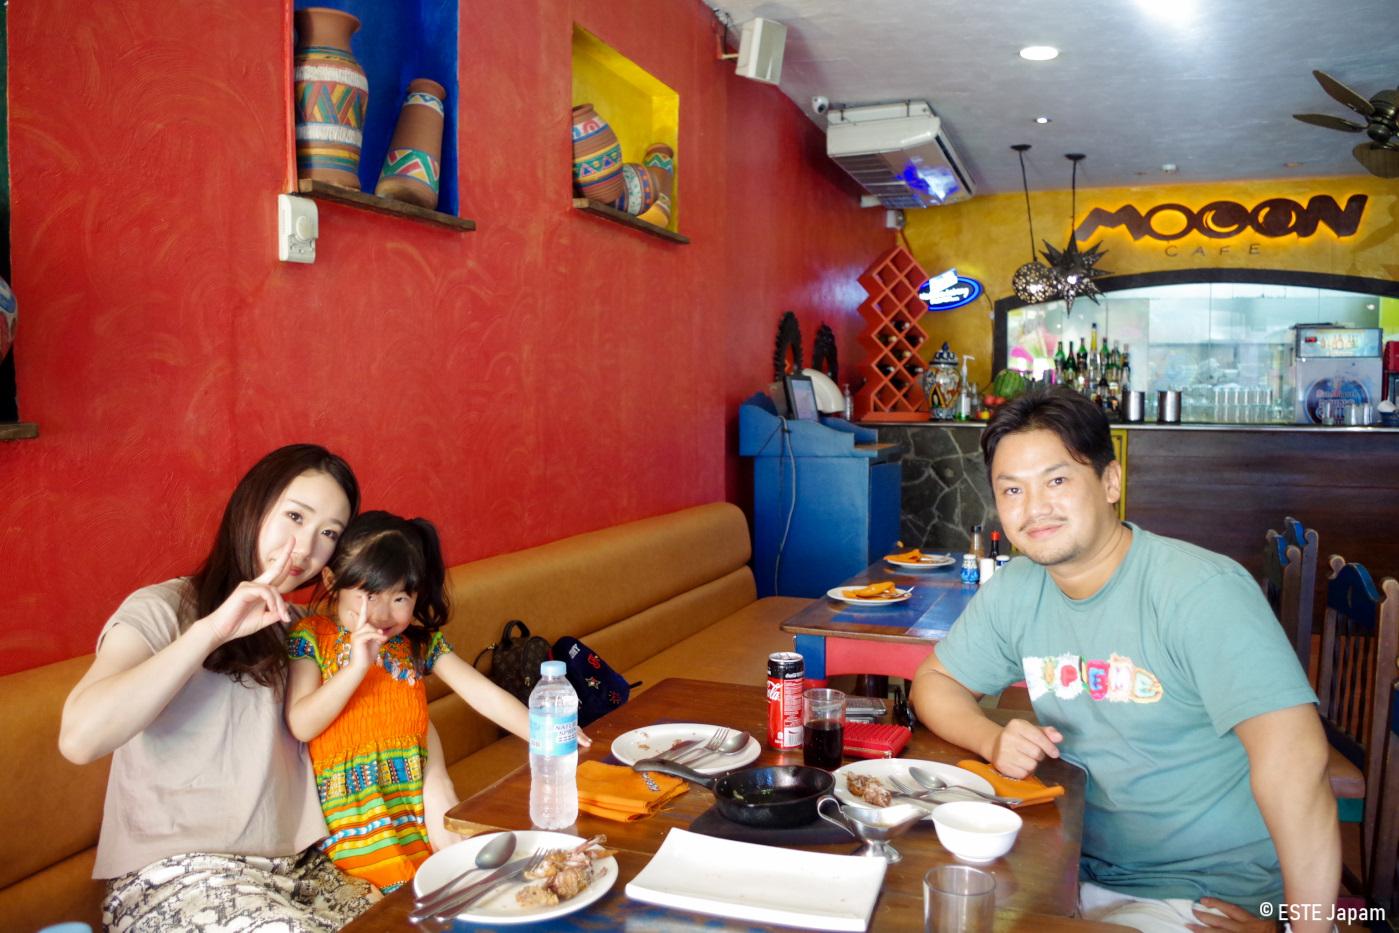 セブの大食いツアーで行ったムーンカフェ